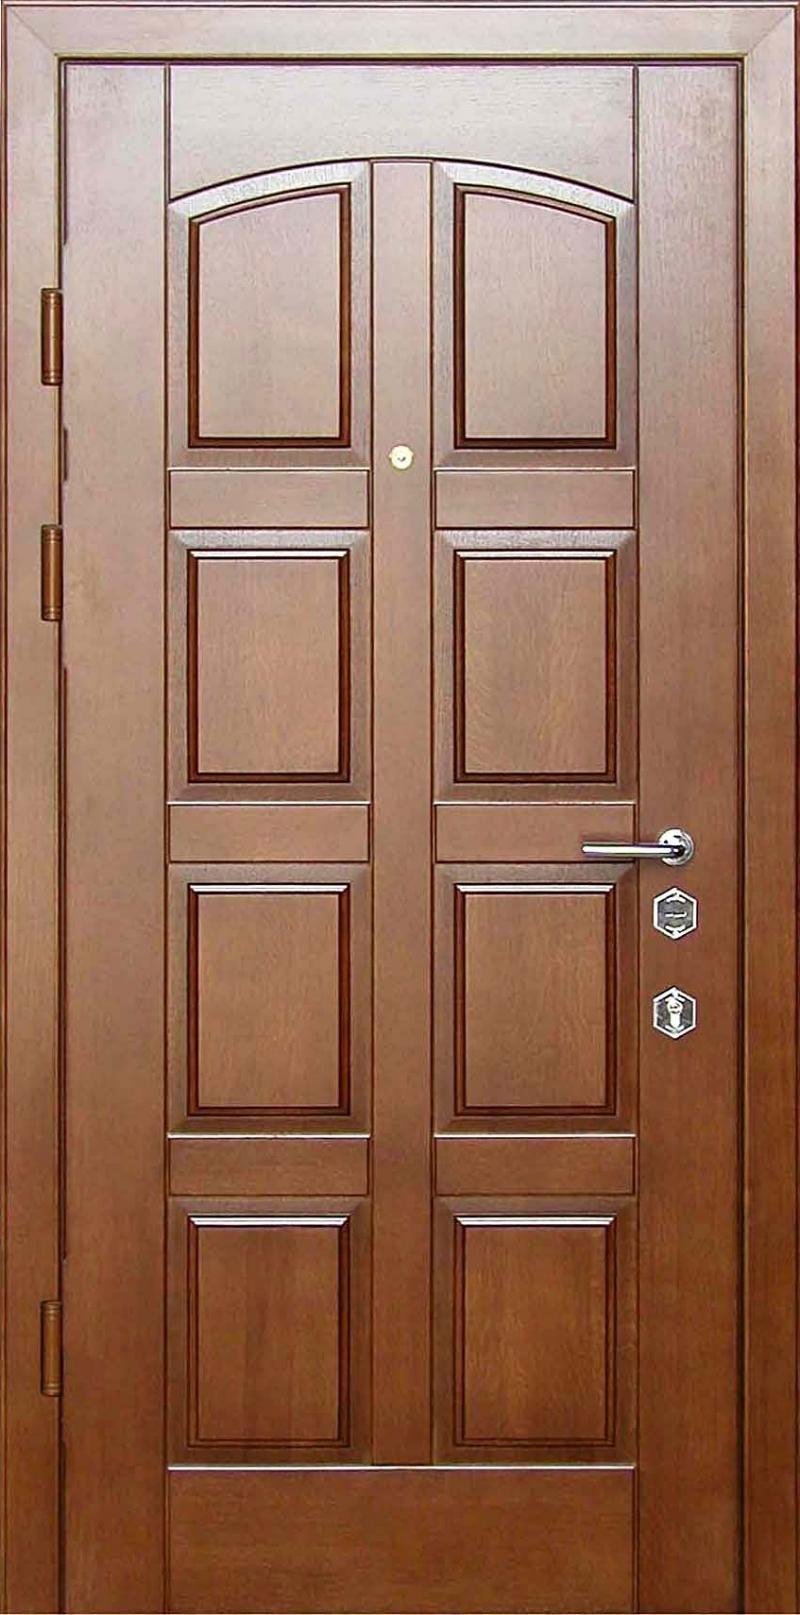 Novyj Mir Dveri Vhodnye Mezhkomnatnye Pr Novaya Kahovka Wooden Doors Interior Door Design Wood Wooden Door Design